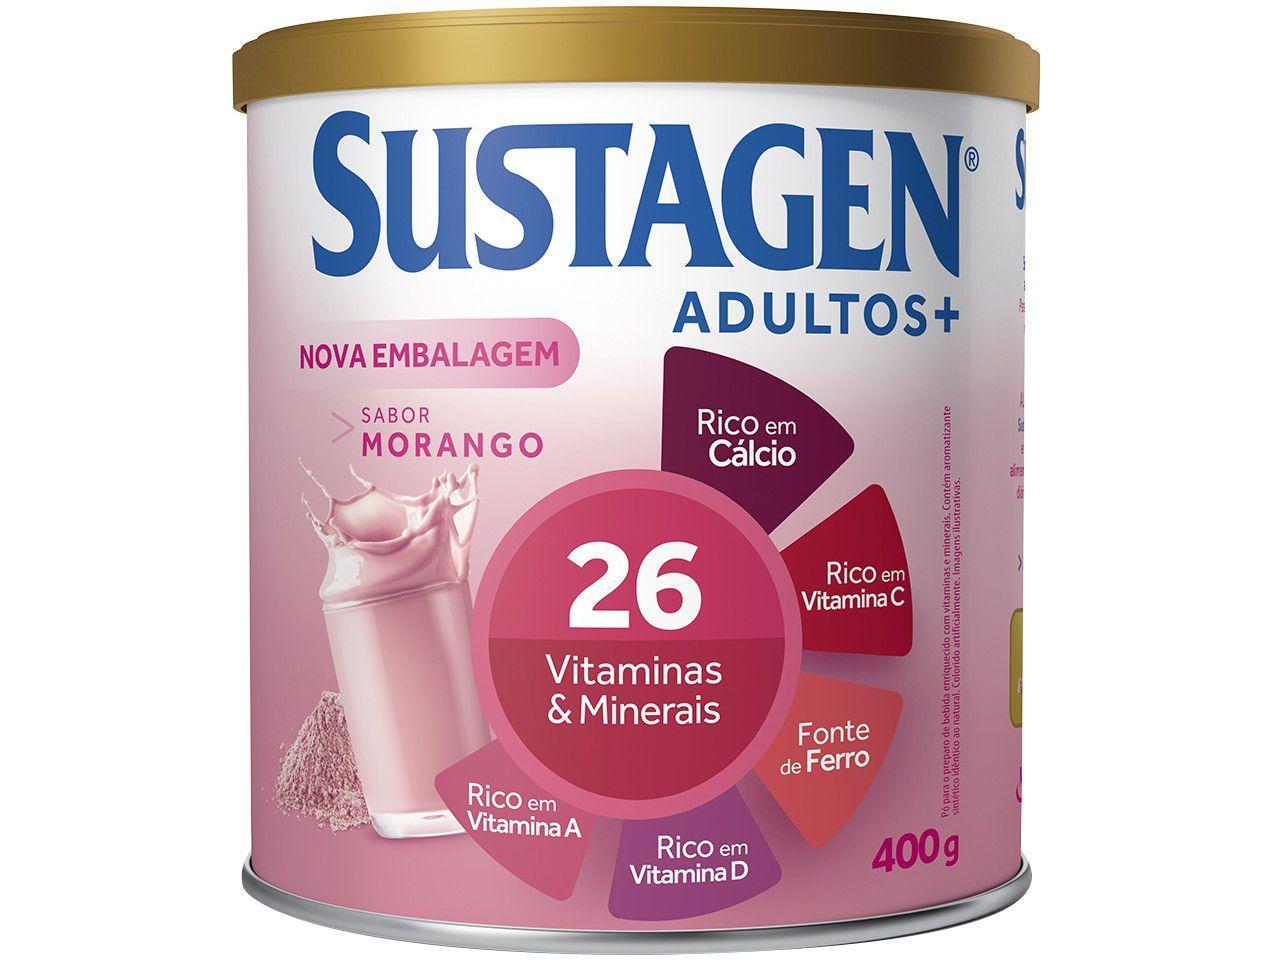 Complemento Alimentar Sustagen Adultos+ - 400g 1 Unidade Morango